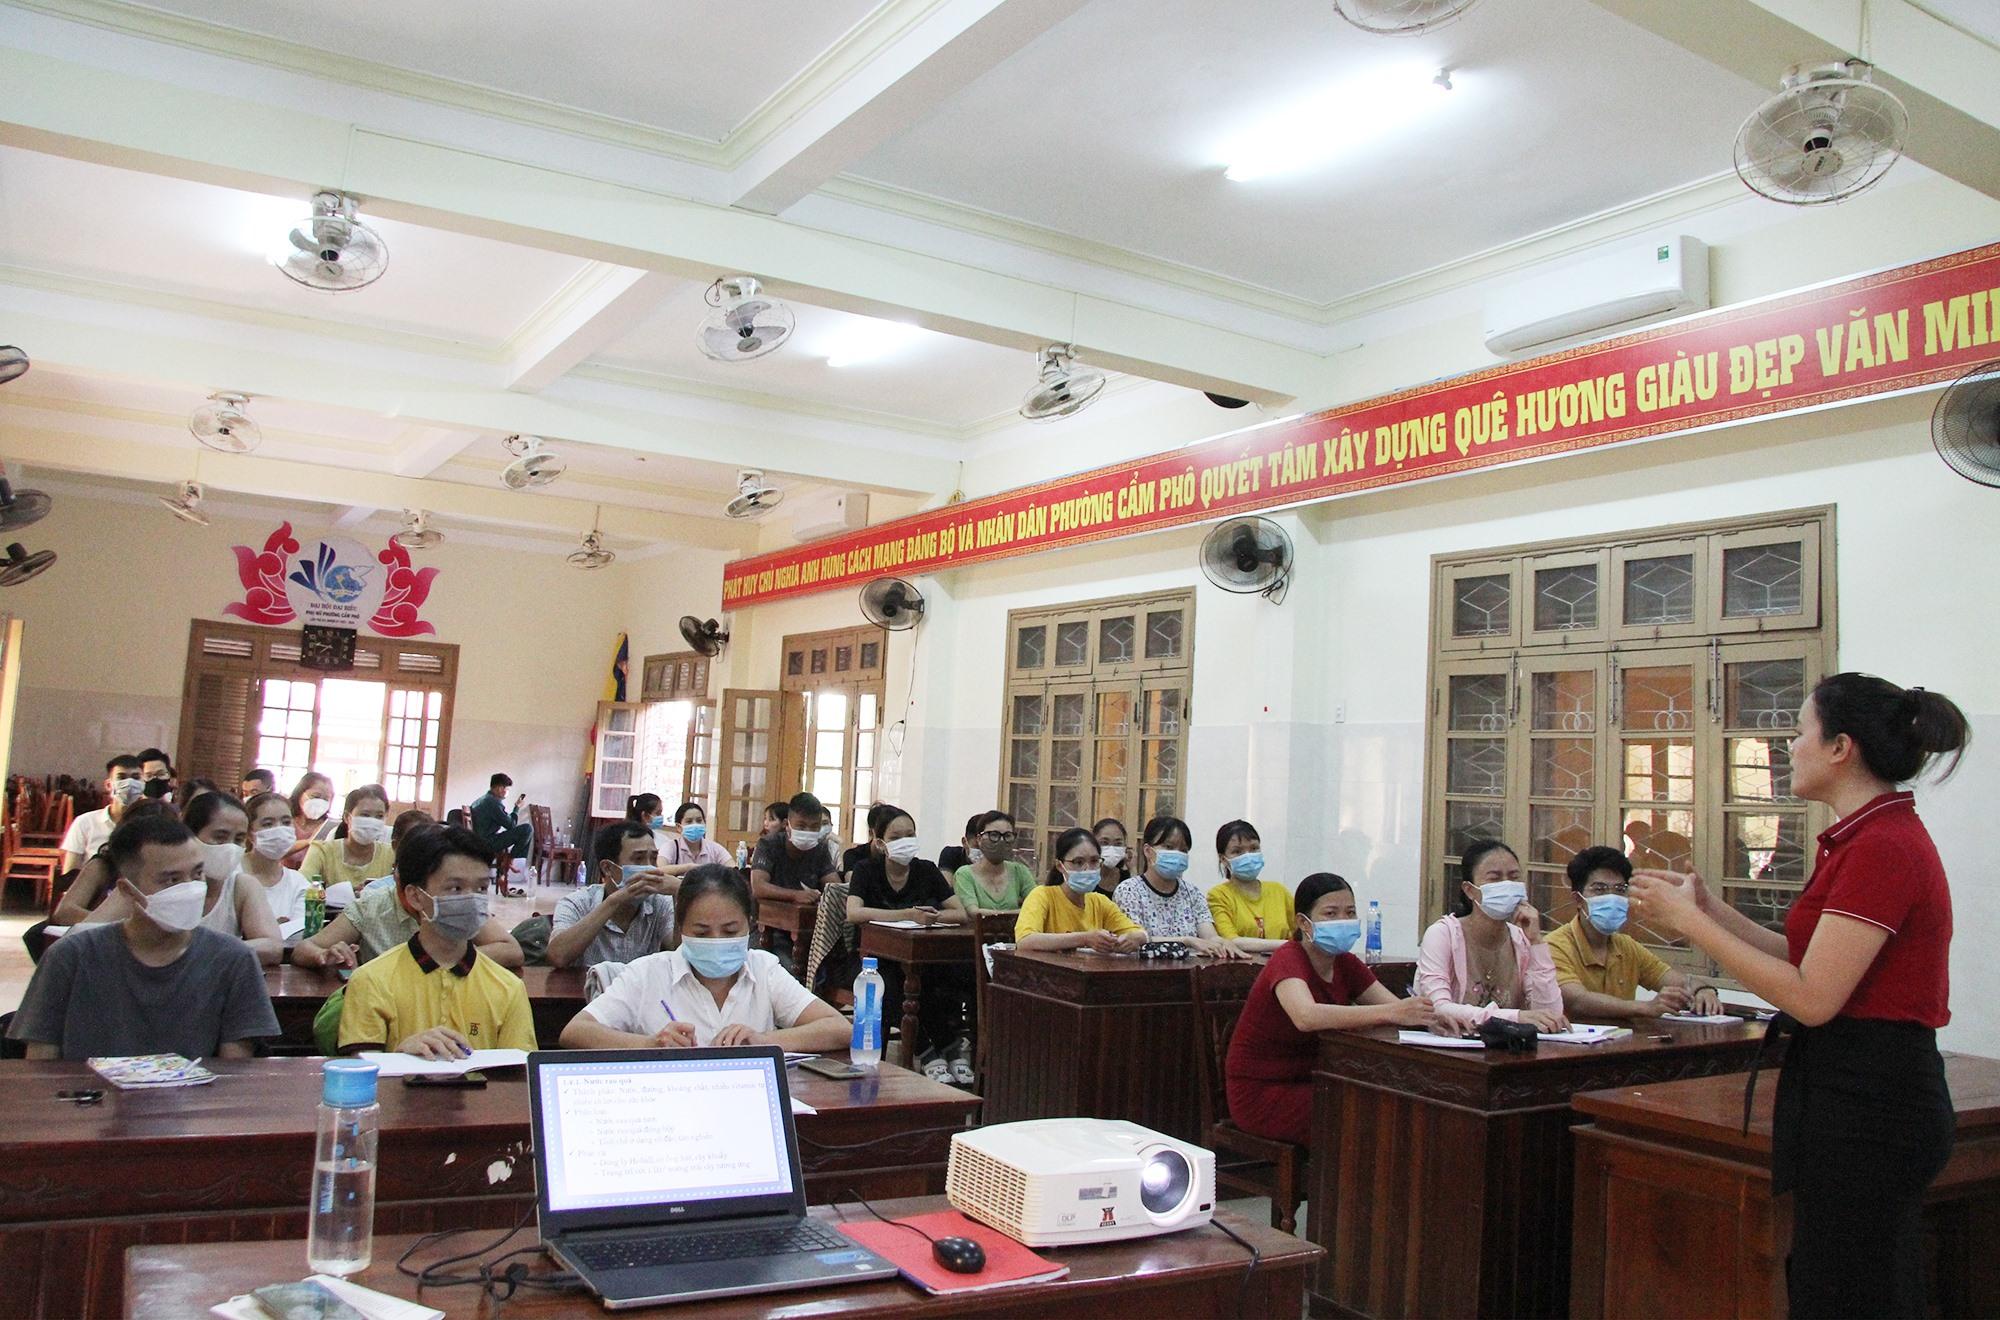 Một lớp học đào tạo nghề pha chế ở UBND phường Cẩm Phô, TP.Hội An. Ảnh: H.Q